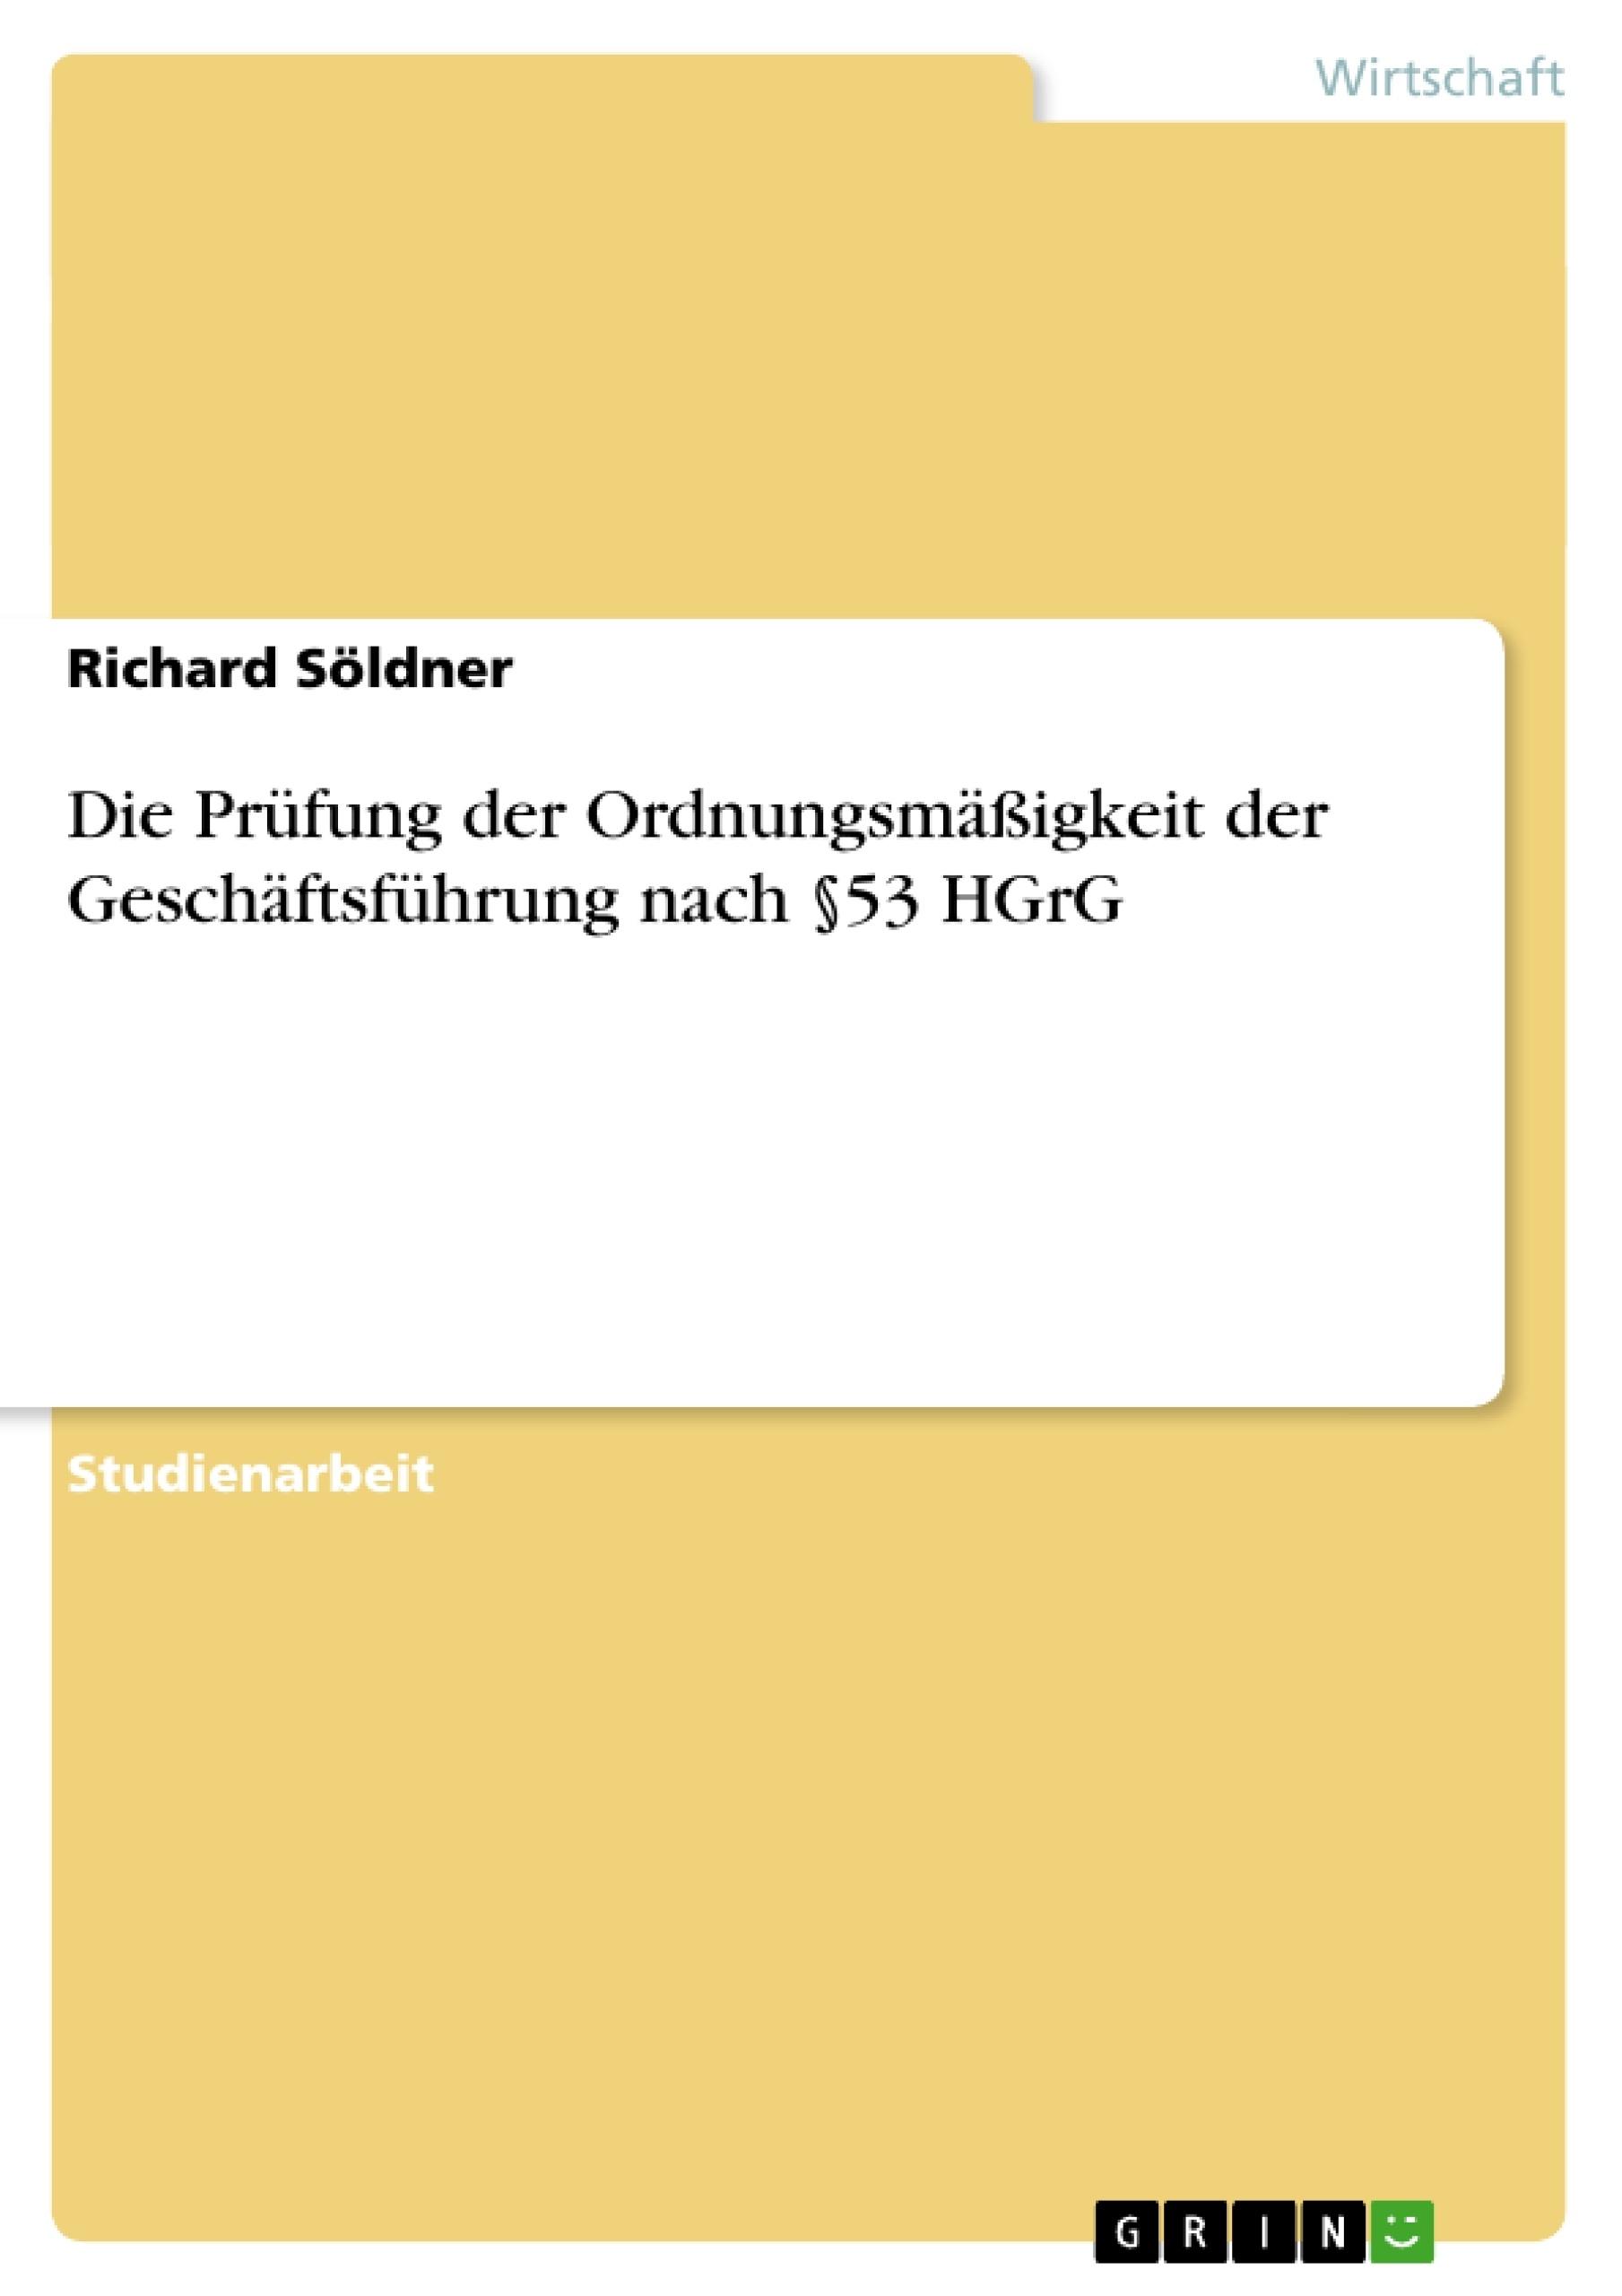 Titel: Die Prüfung der Ordnungsmäßigkeit der Geschäftsführung nach  §53 HGrG